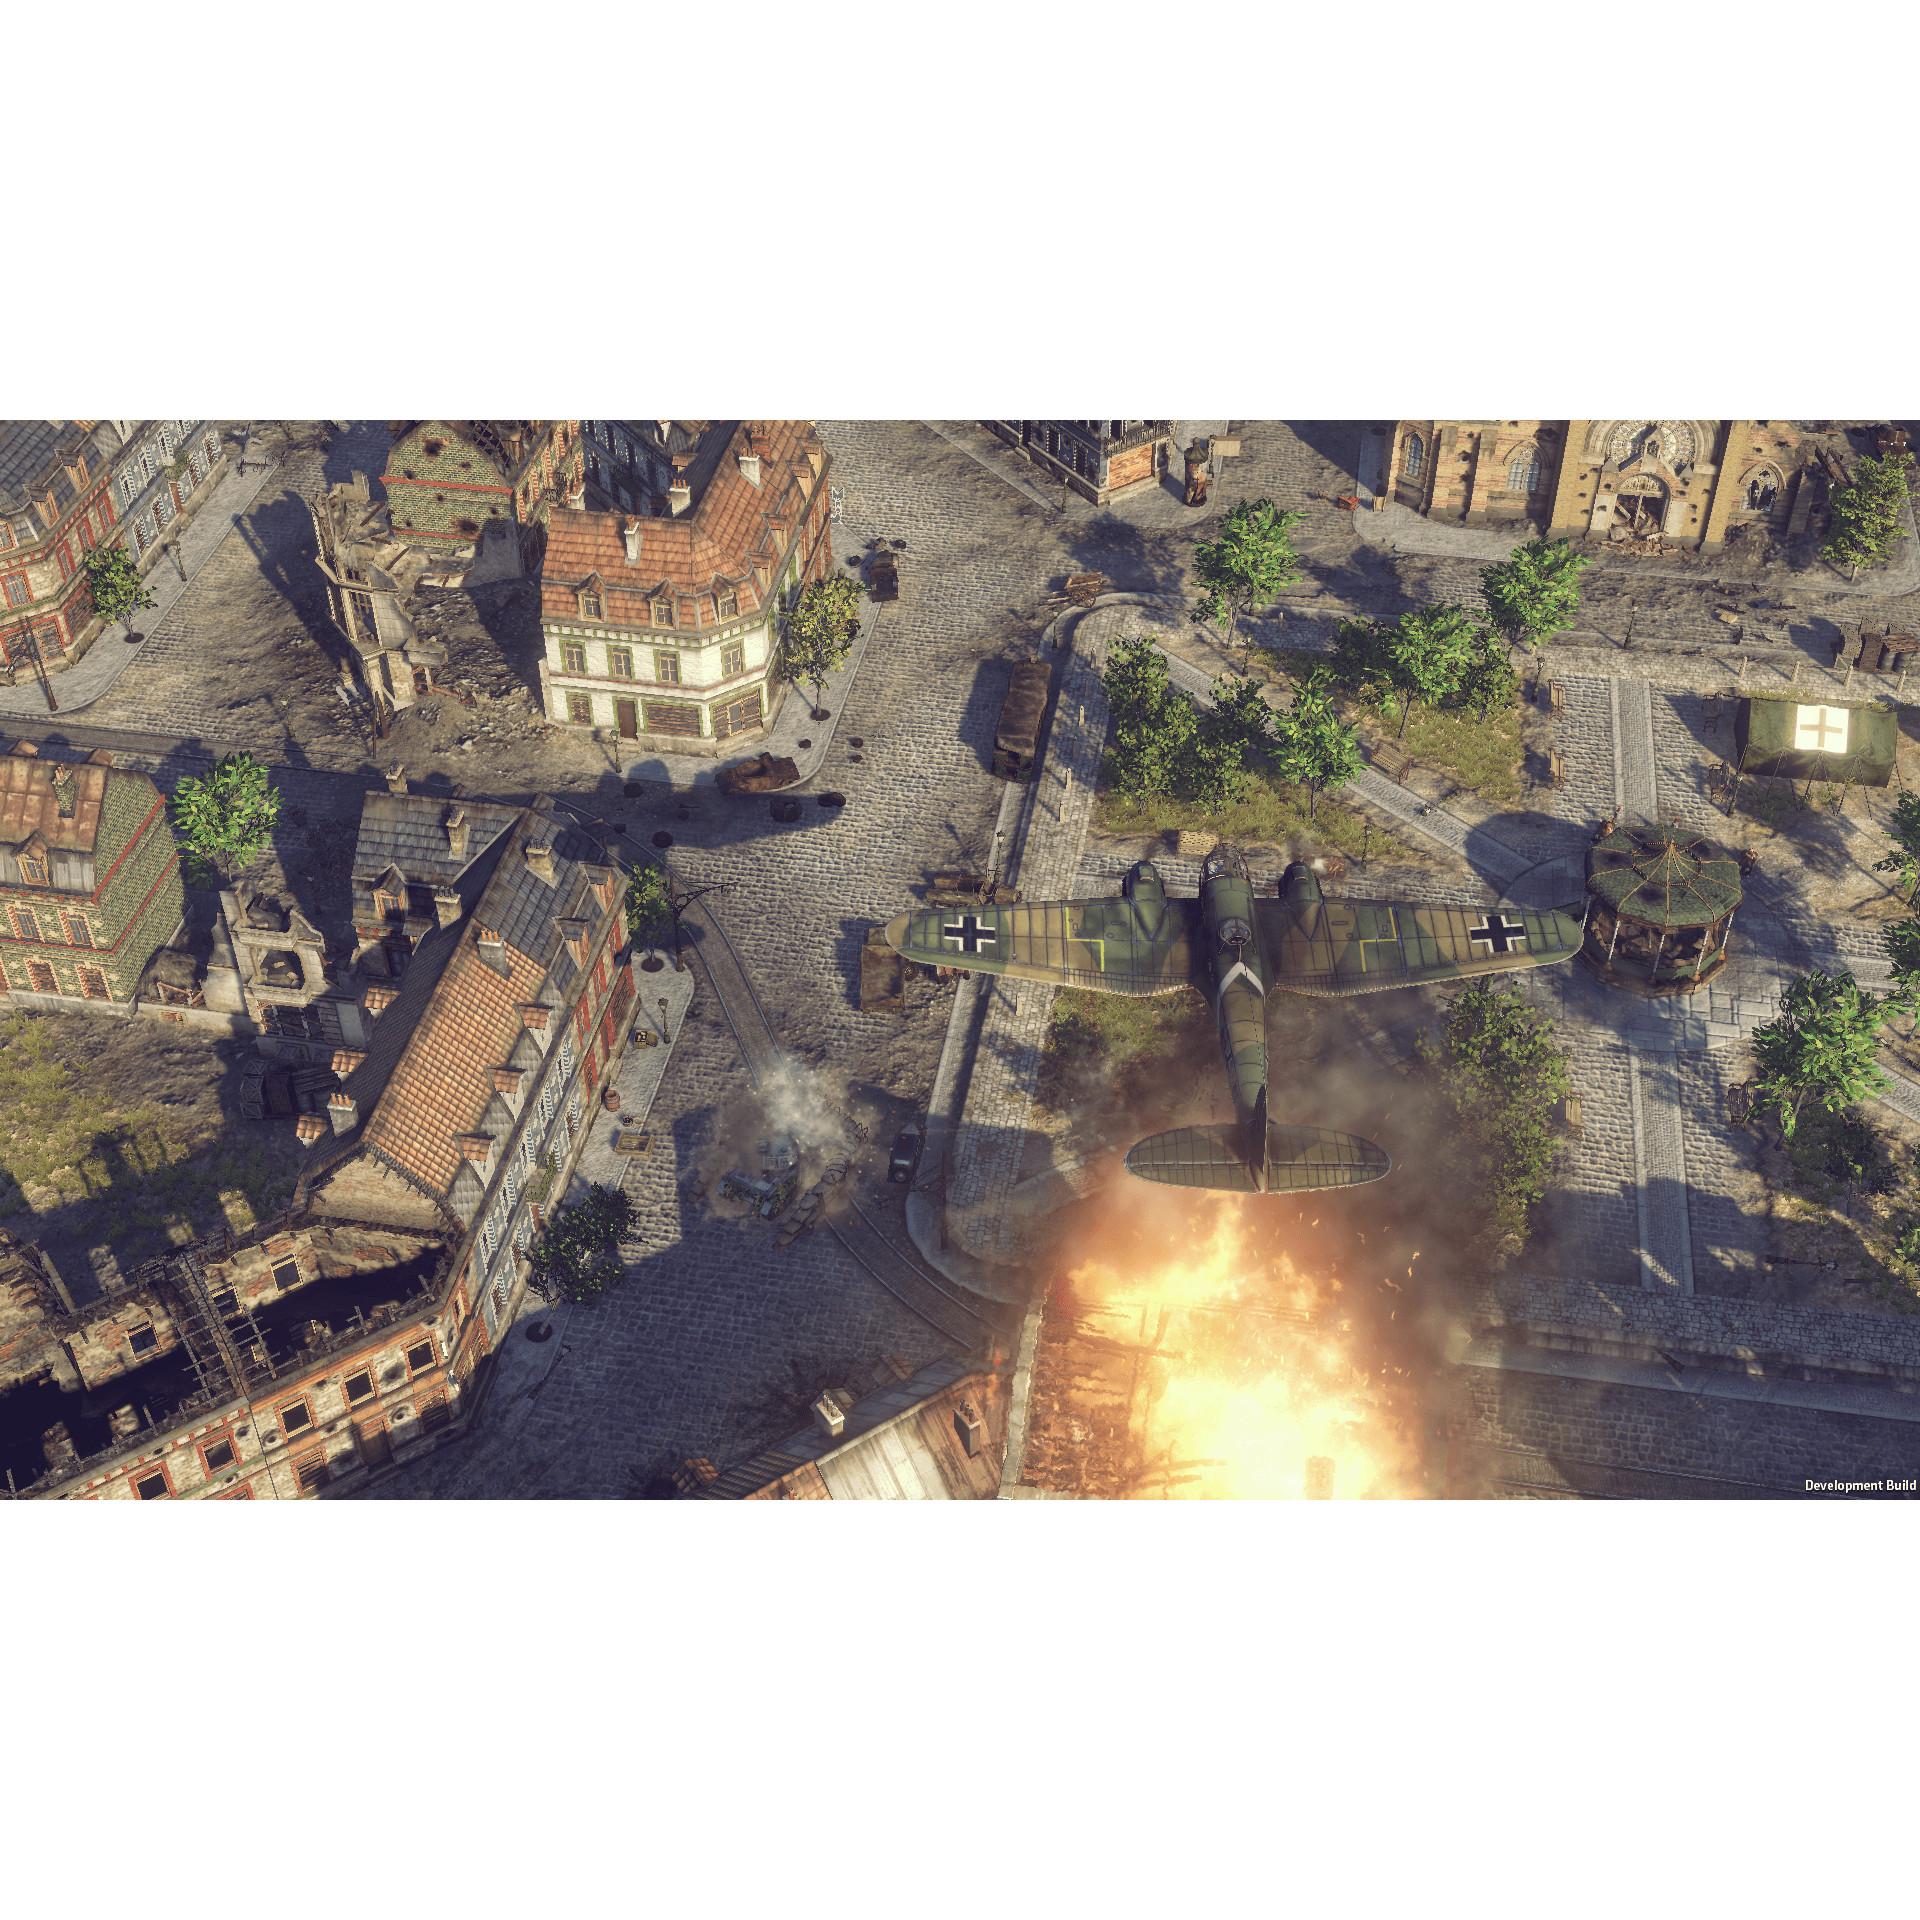 Joc Sudden Strike 4: Complete Collection (EU) Pentru PlayStation 4 4